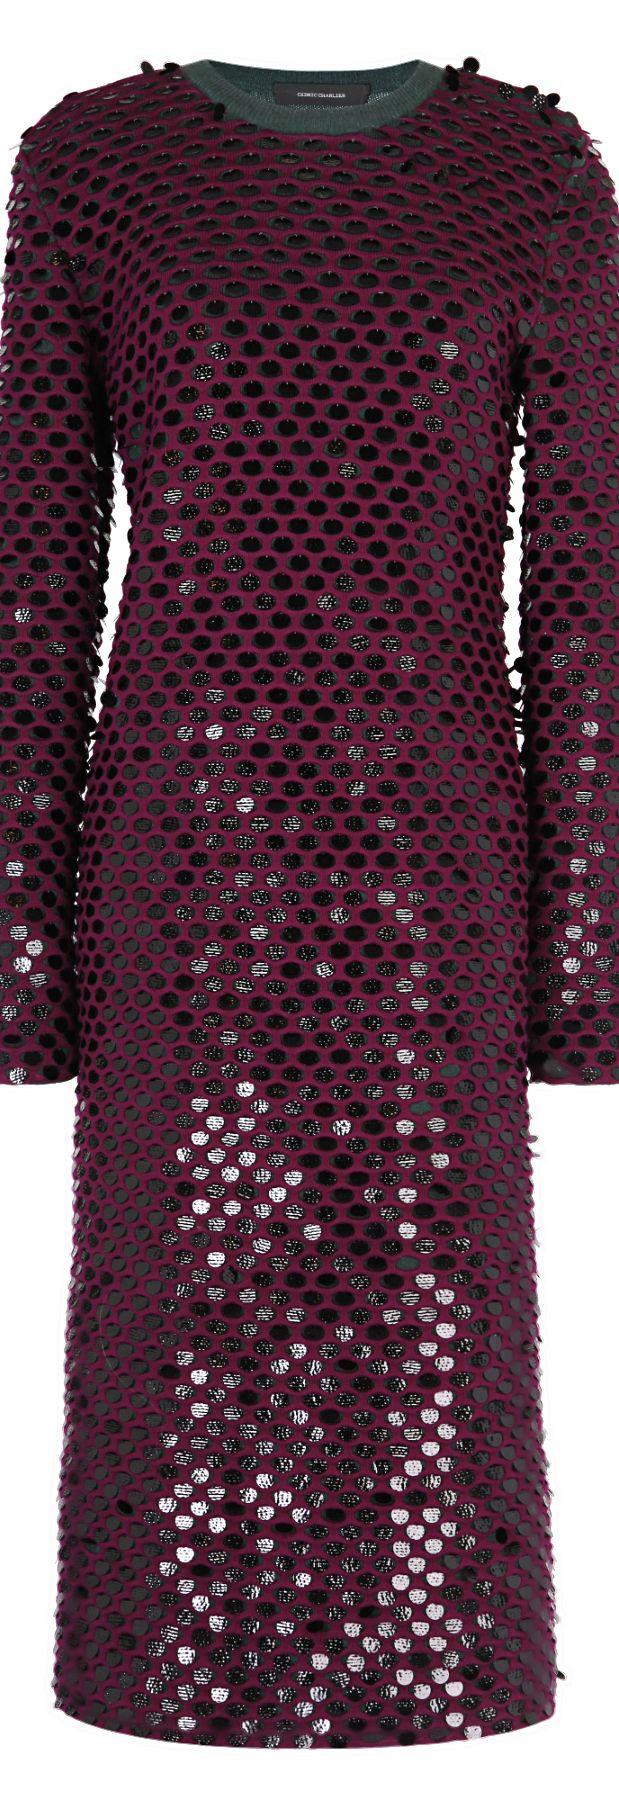 347 besten Cute Holiday Outfits Bilder auf Pinterest   Beleza, Rot ...